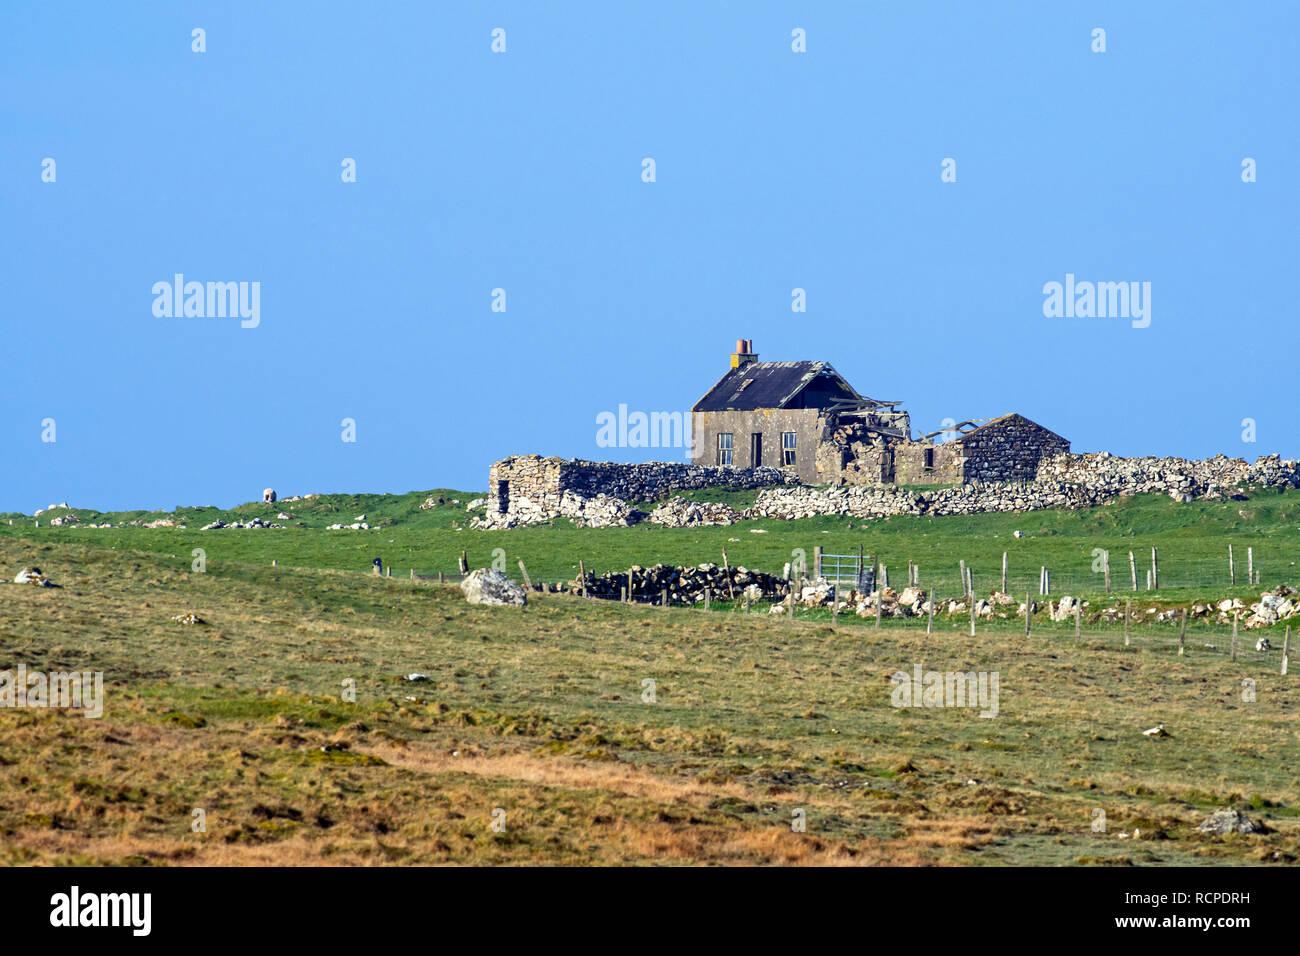 Abandoned and dilapidated crofter's house, Shetland Islands, Scotland, UK - Stock Image